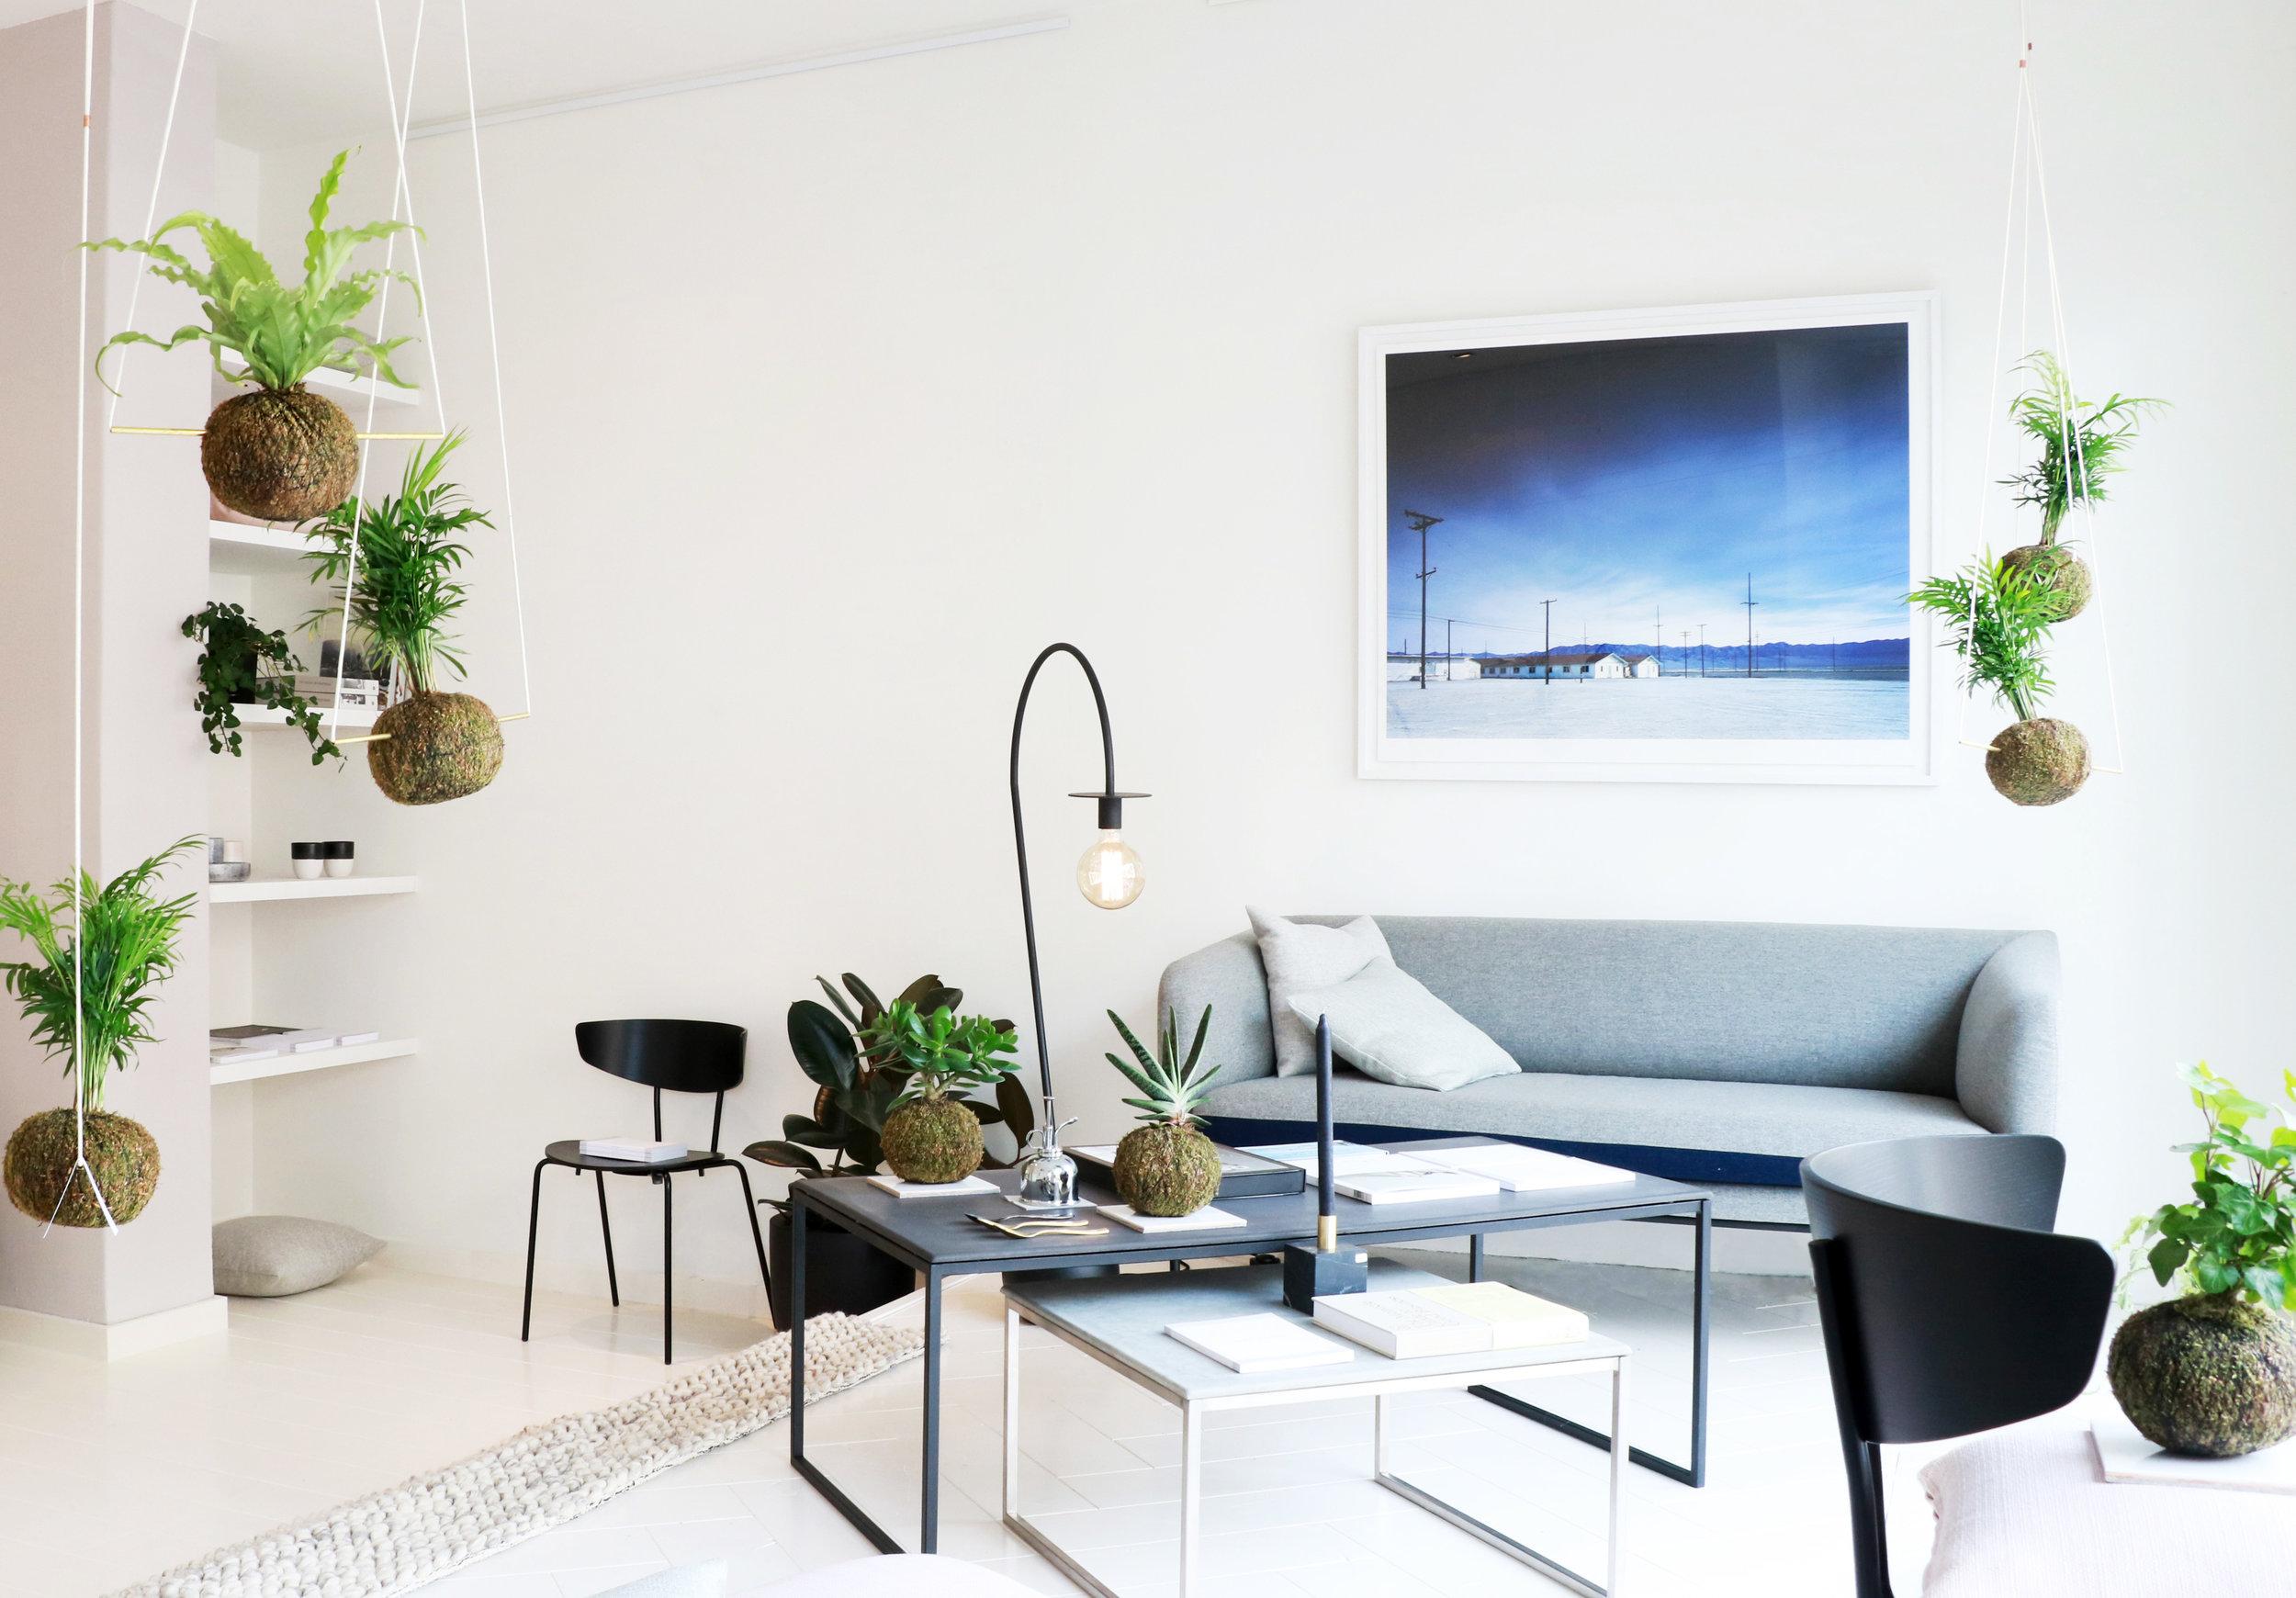 Room of ideas - Amsterdam  Private venue hire